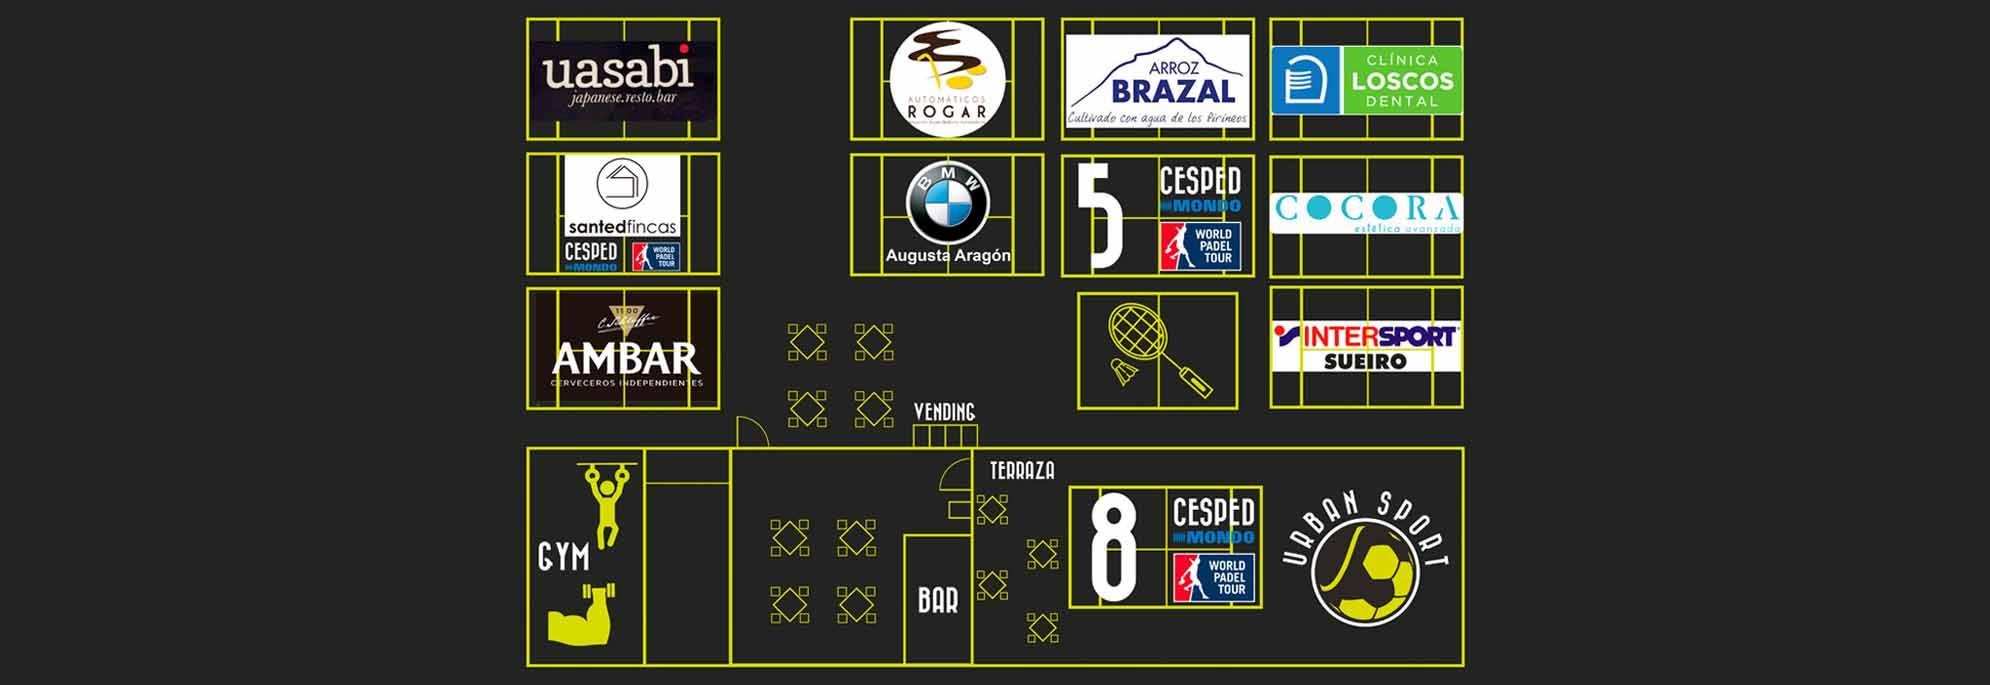 PLANO 2021 PARA PANTALLA BAR WEB.jpg